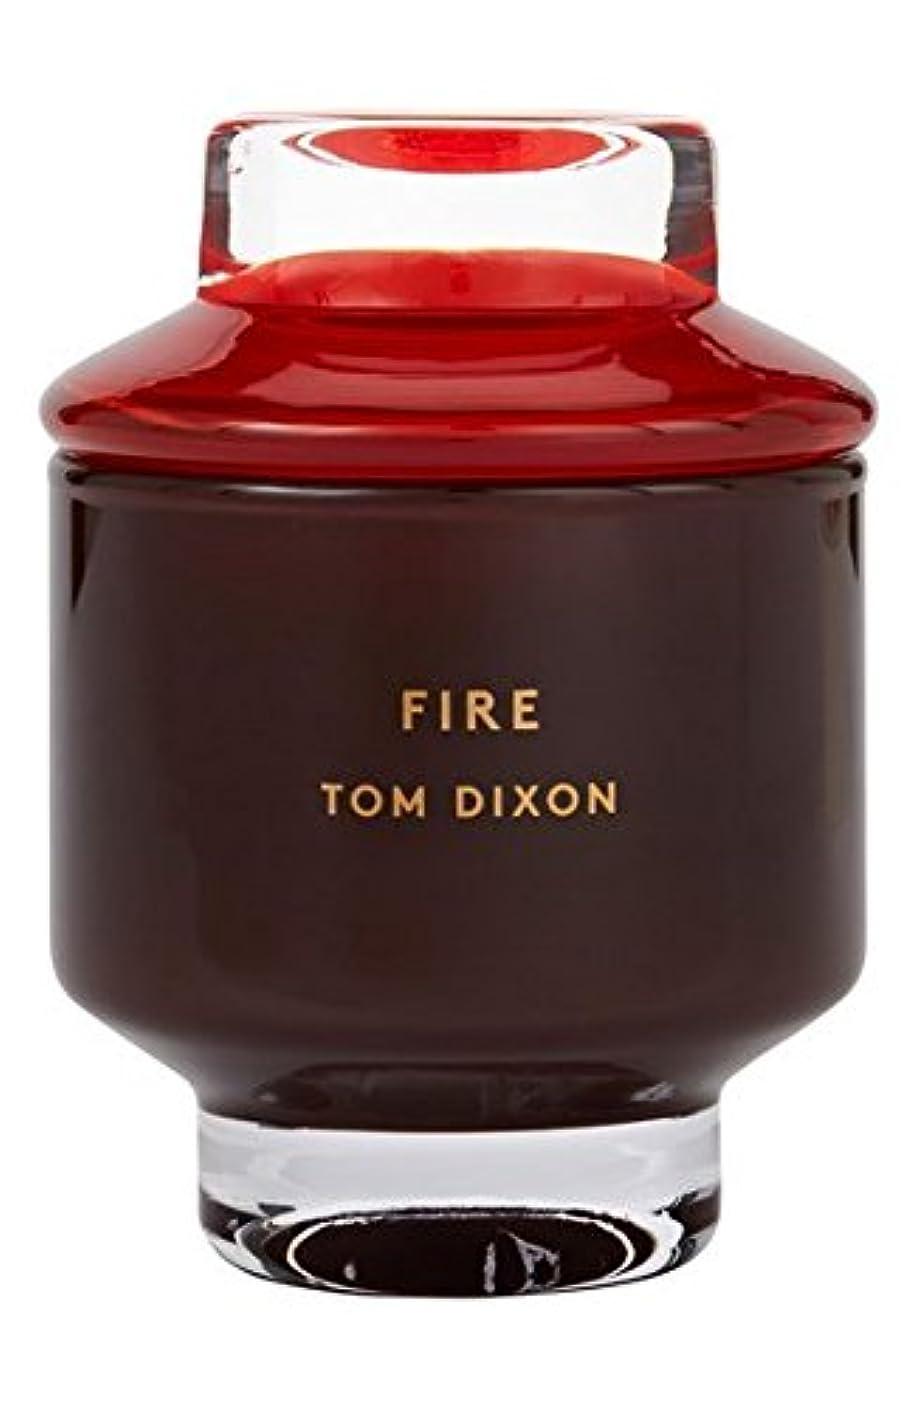 輝度津波バレーボールTom Dixon 'Fire' Candle (トム ディクソン 'ファイヤー' キャンドル小) Small